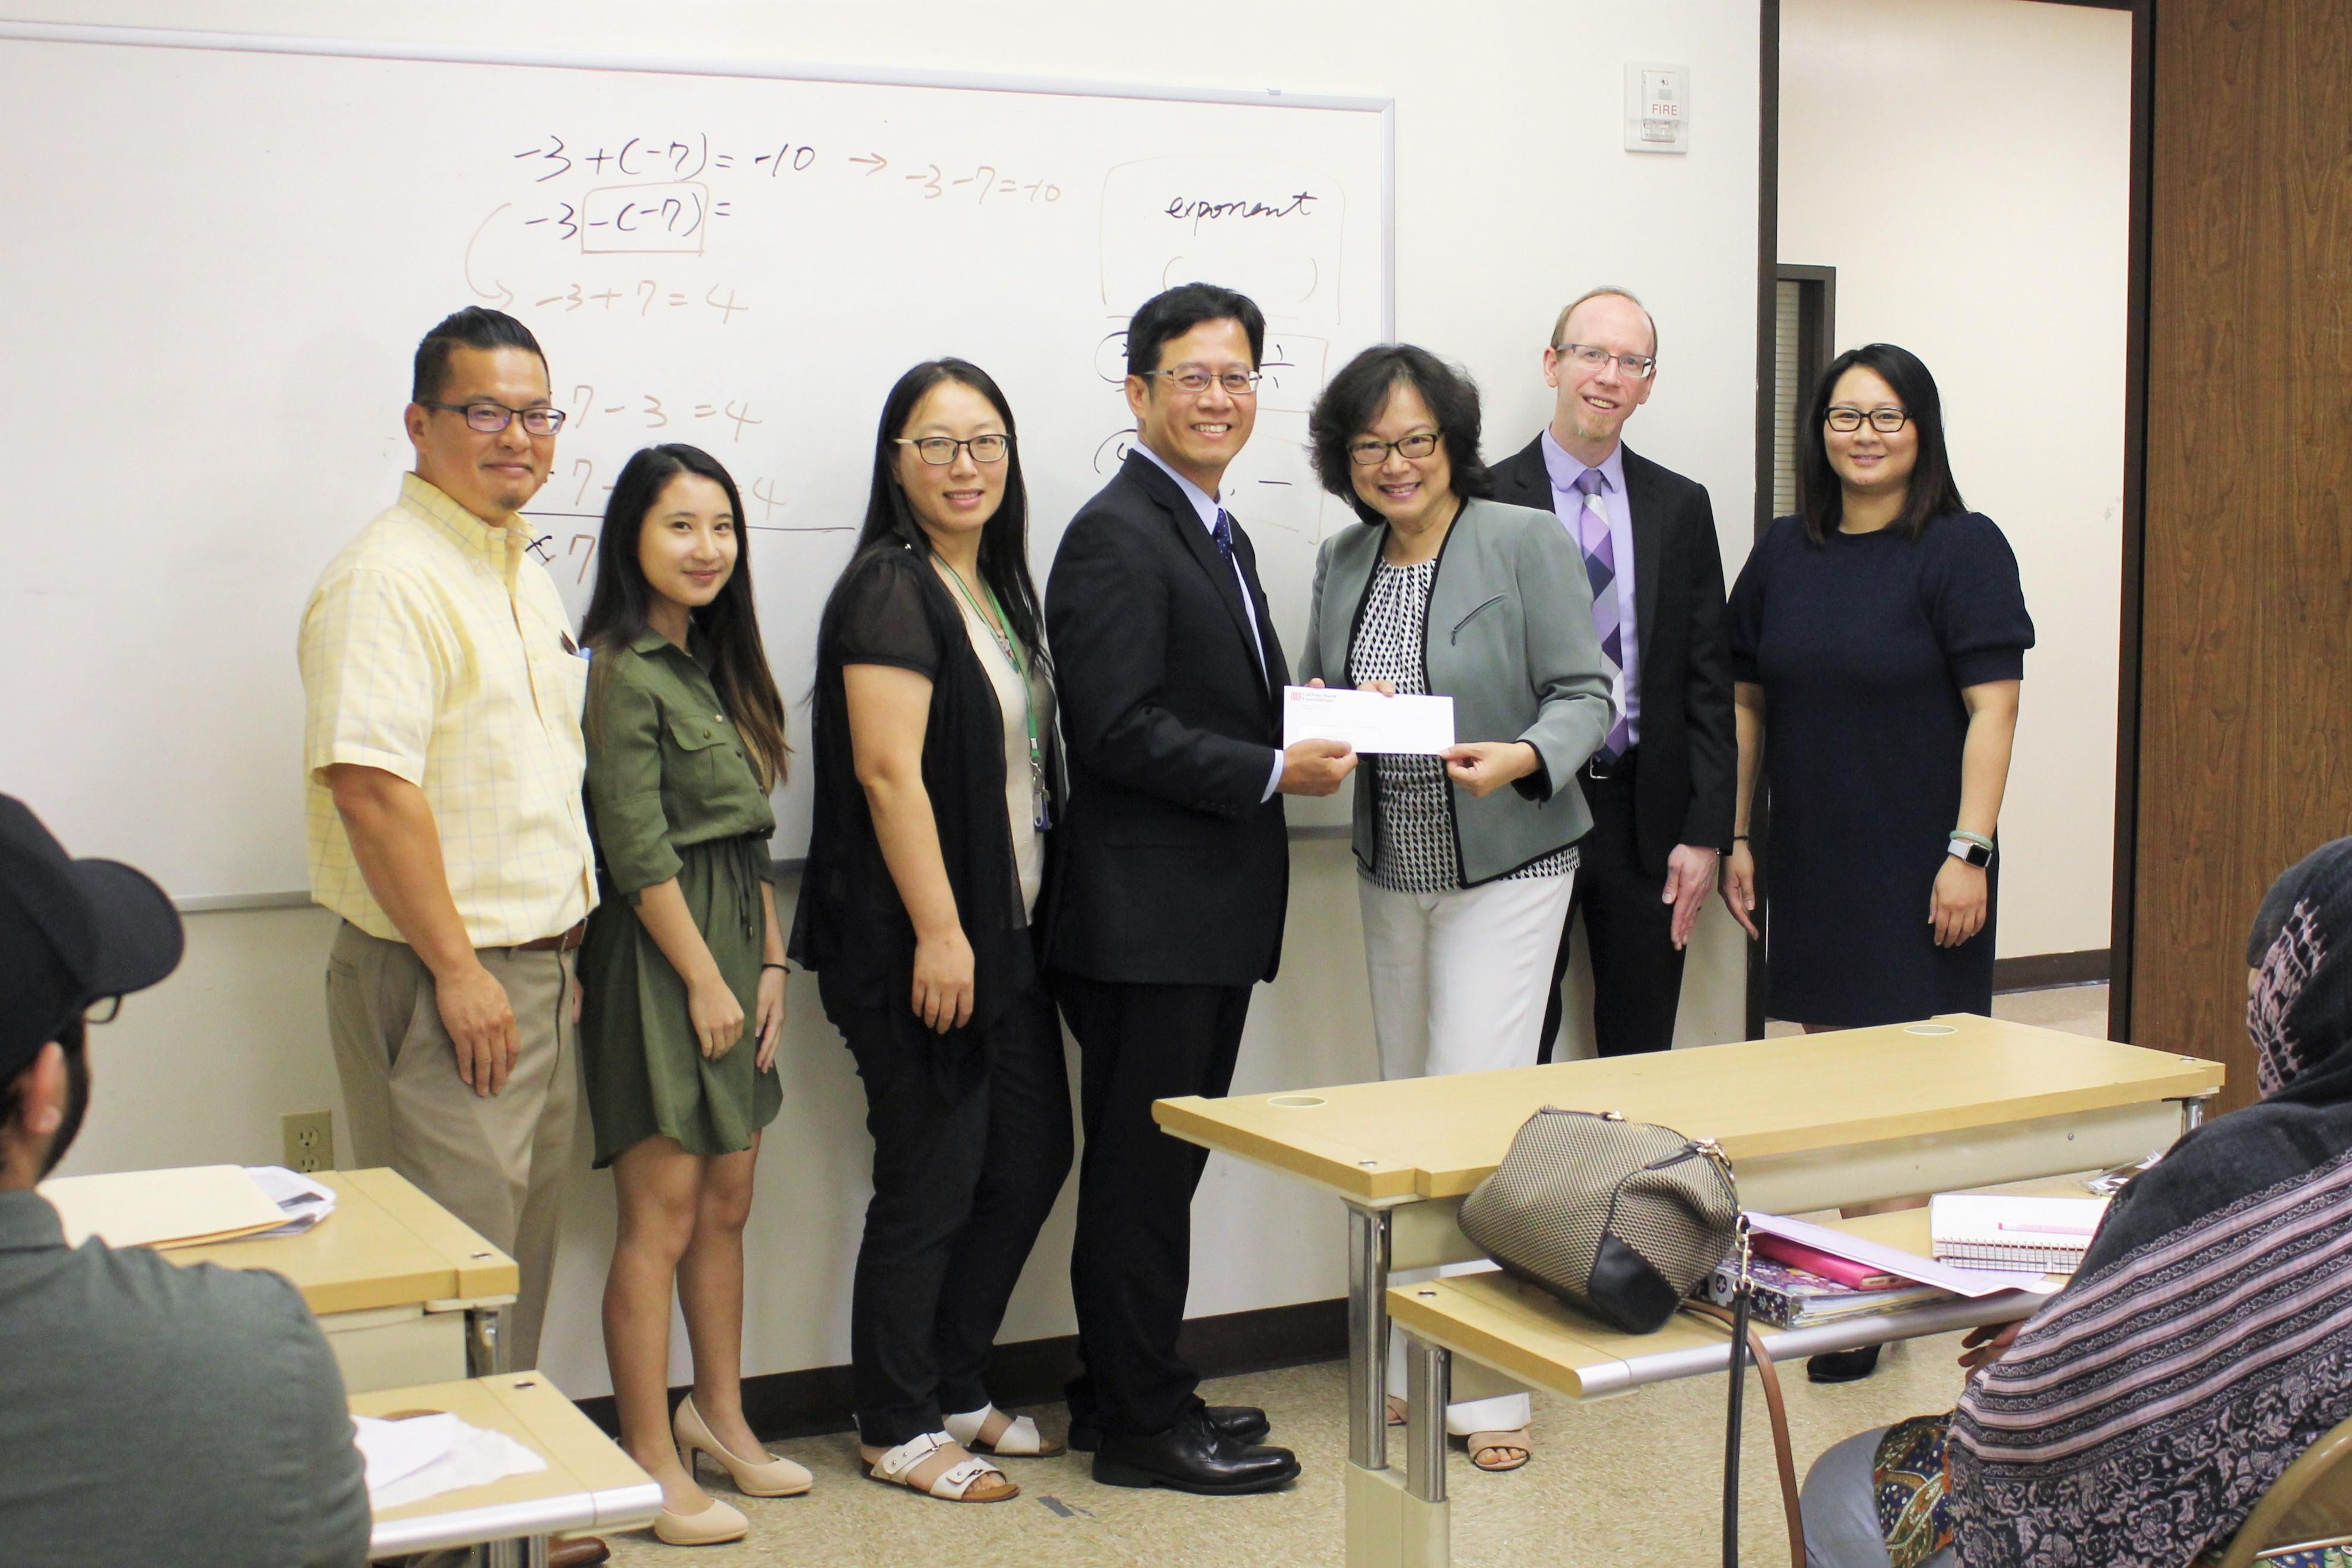 國泰銀行資深副總裁James Wong(左四)代表捐款5000元給中華文化中心,用於支持財務及知識等項目的講座,中華文化中心執行長華啟梅(右三)代表接受。(圖:中華文化中心提供)